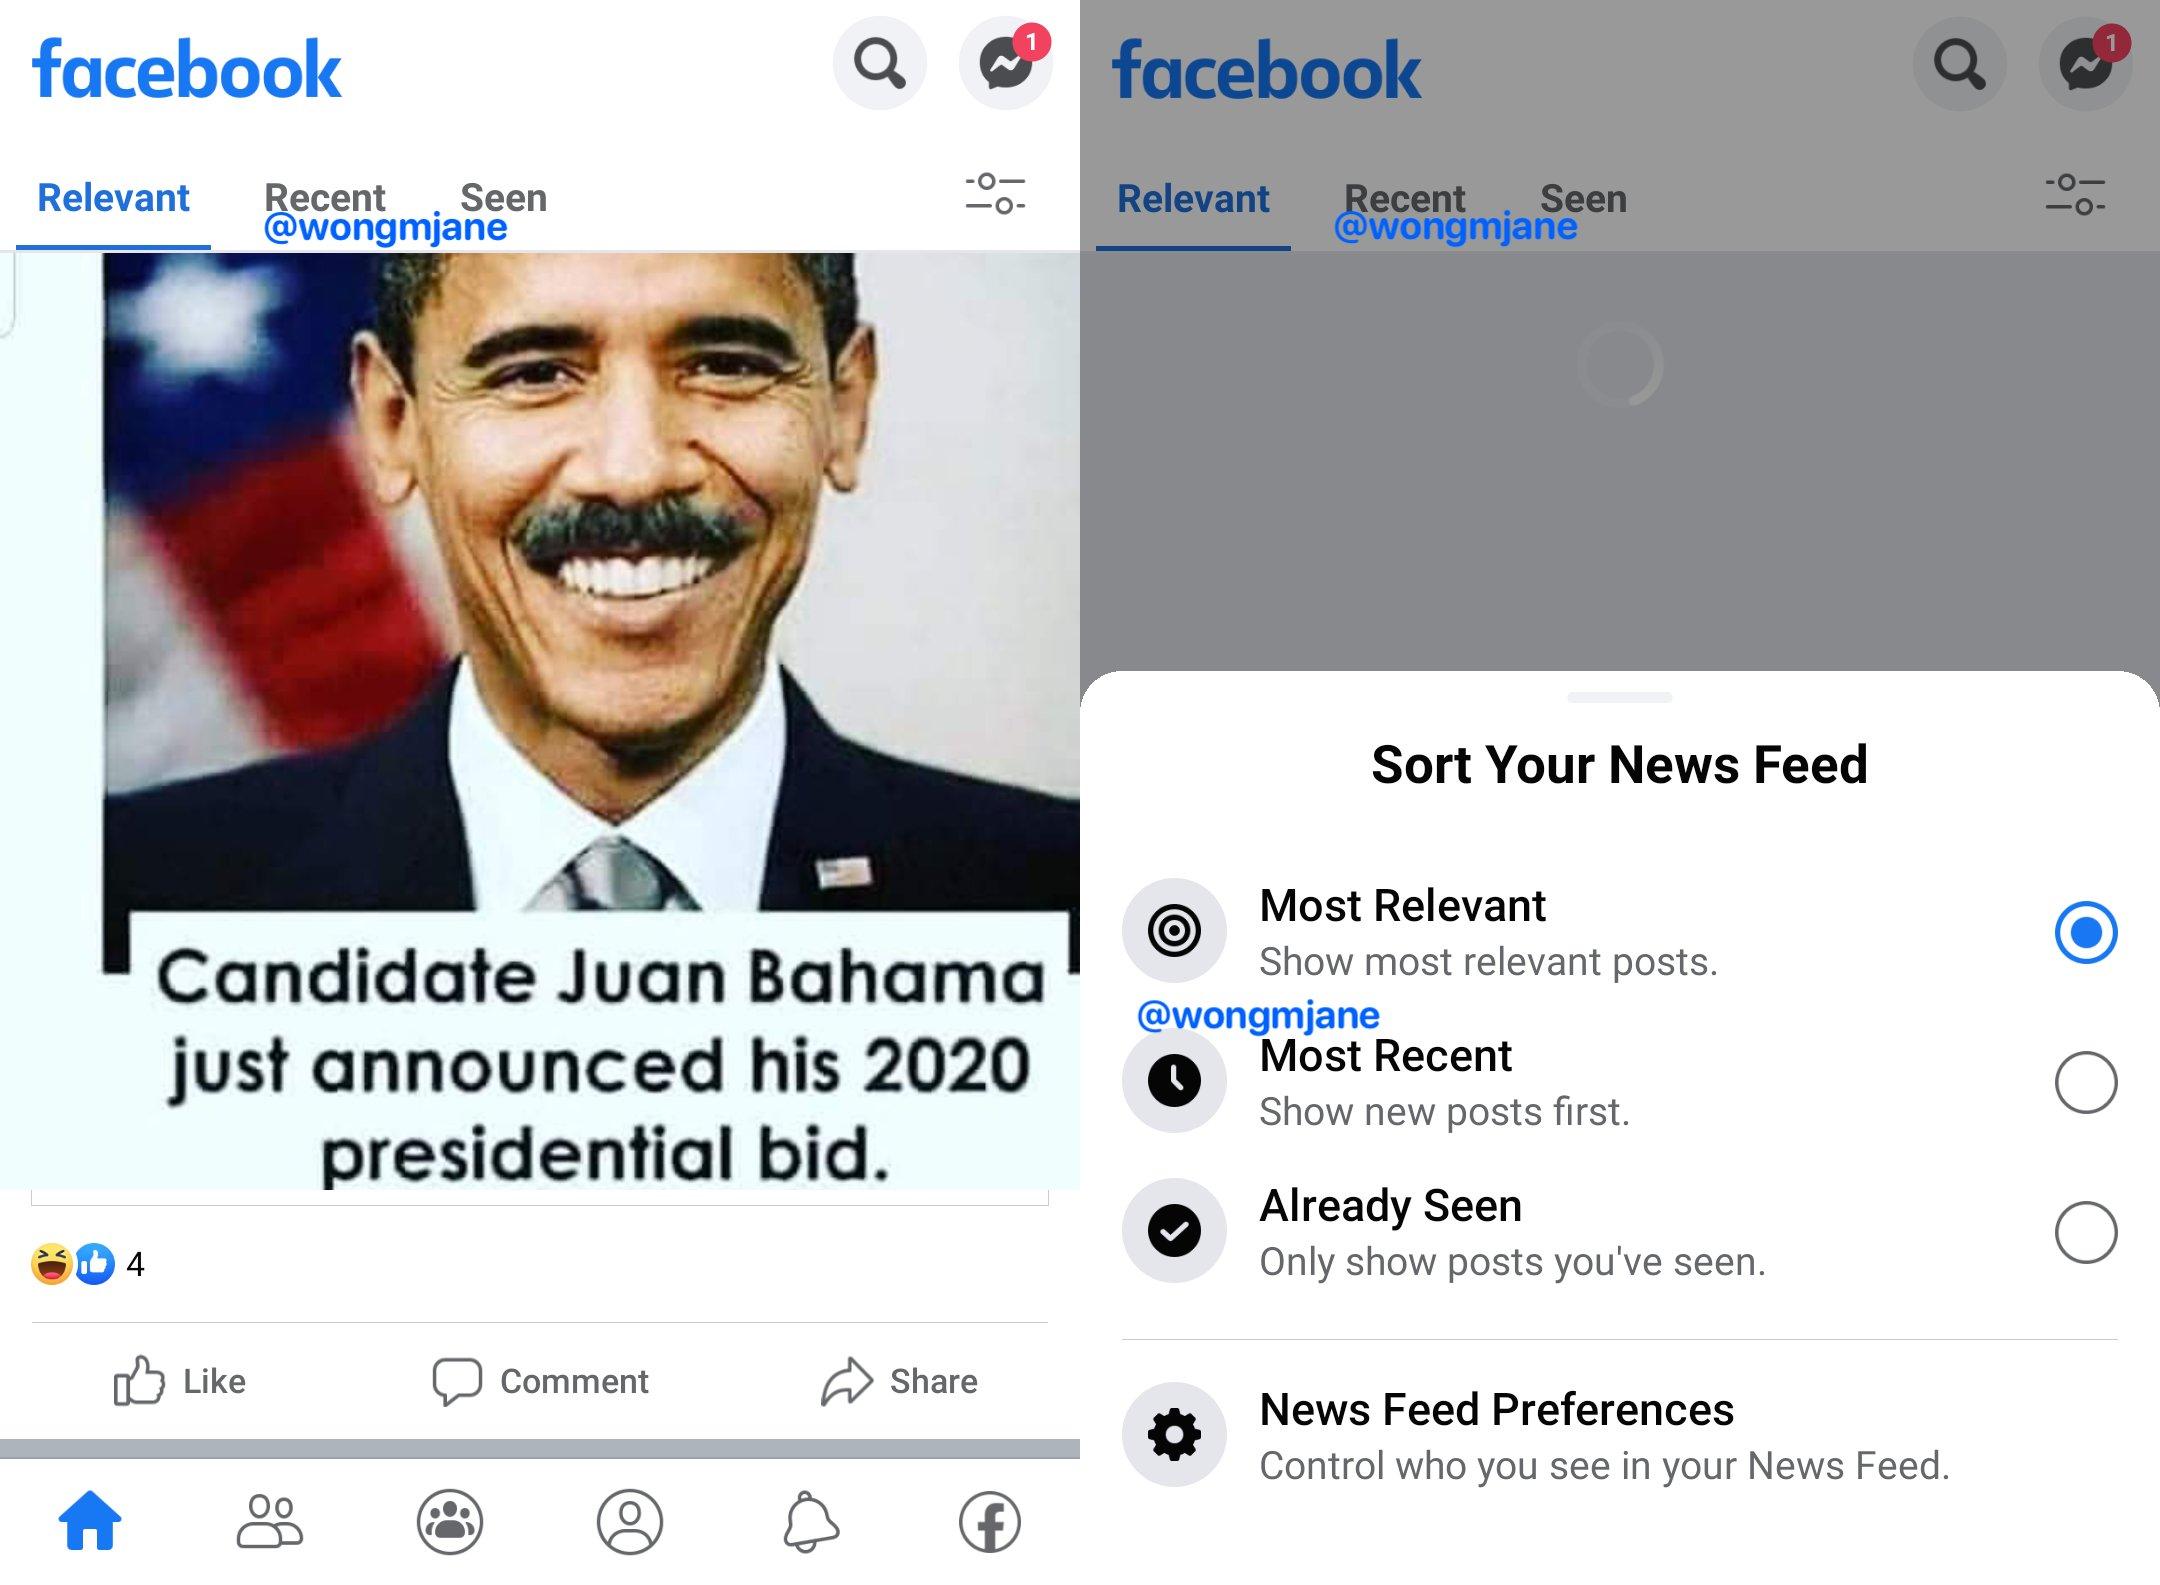 Facebook sortare news feed